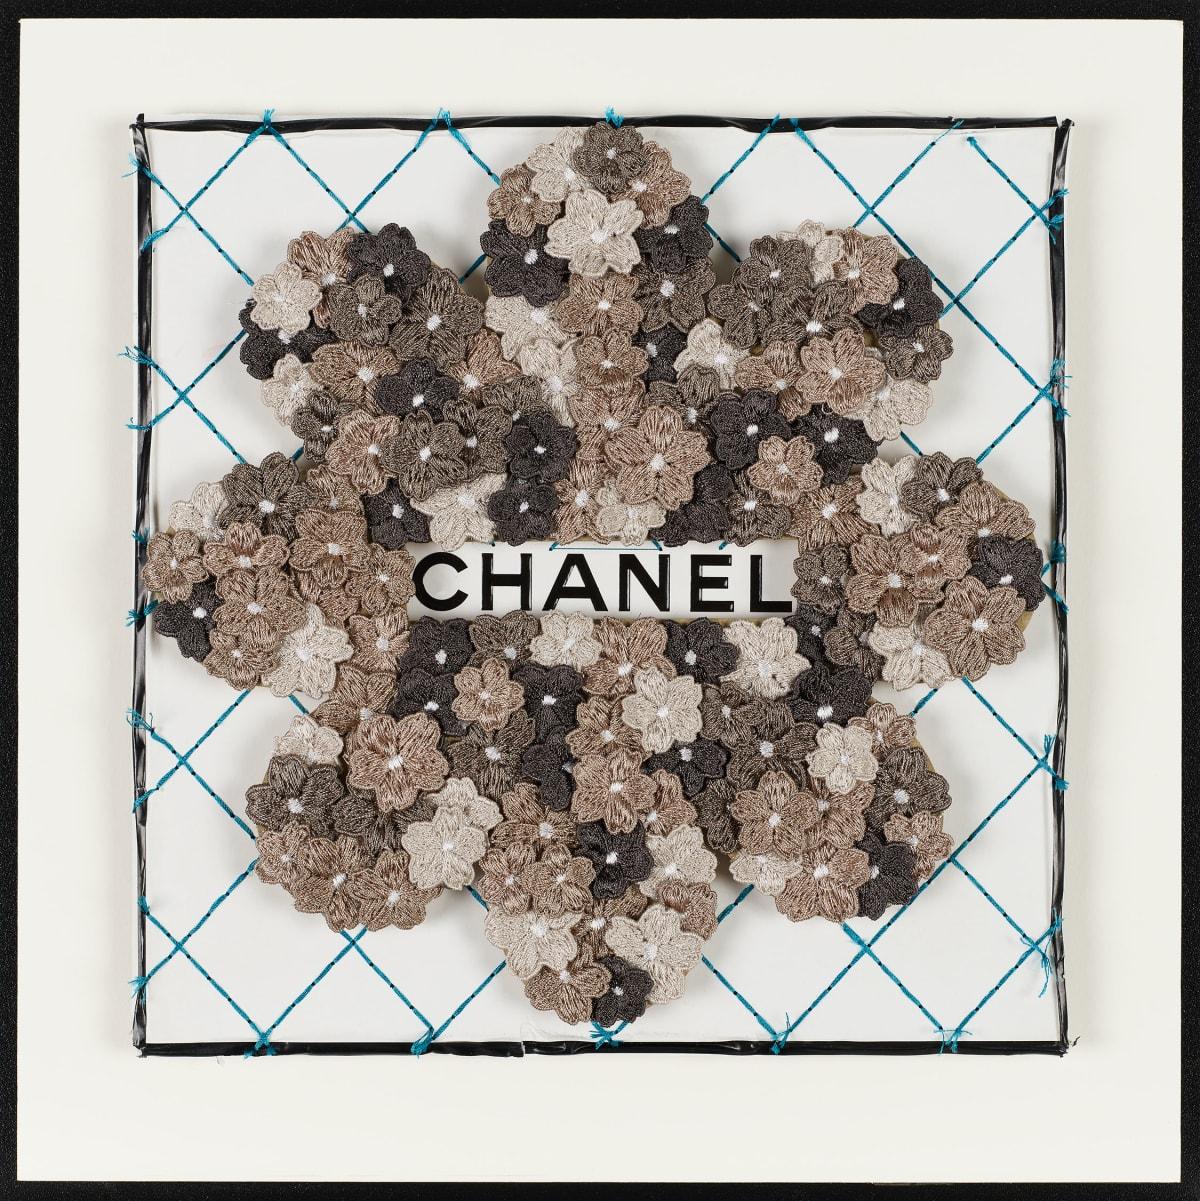 Stephen Wilson, Chanel Flower Flower, Warm Grey , 2019